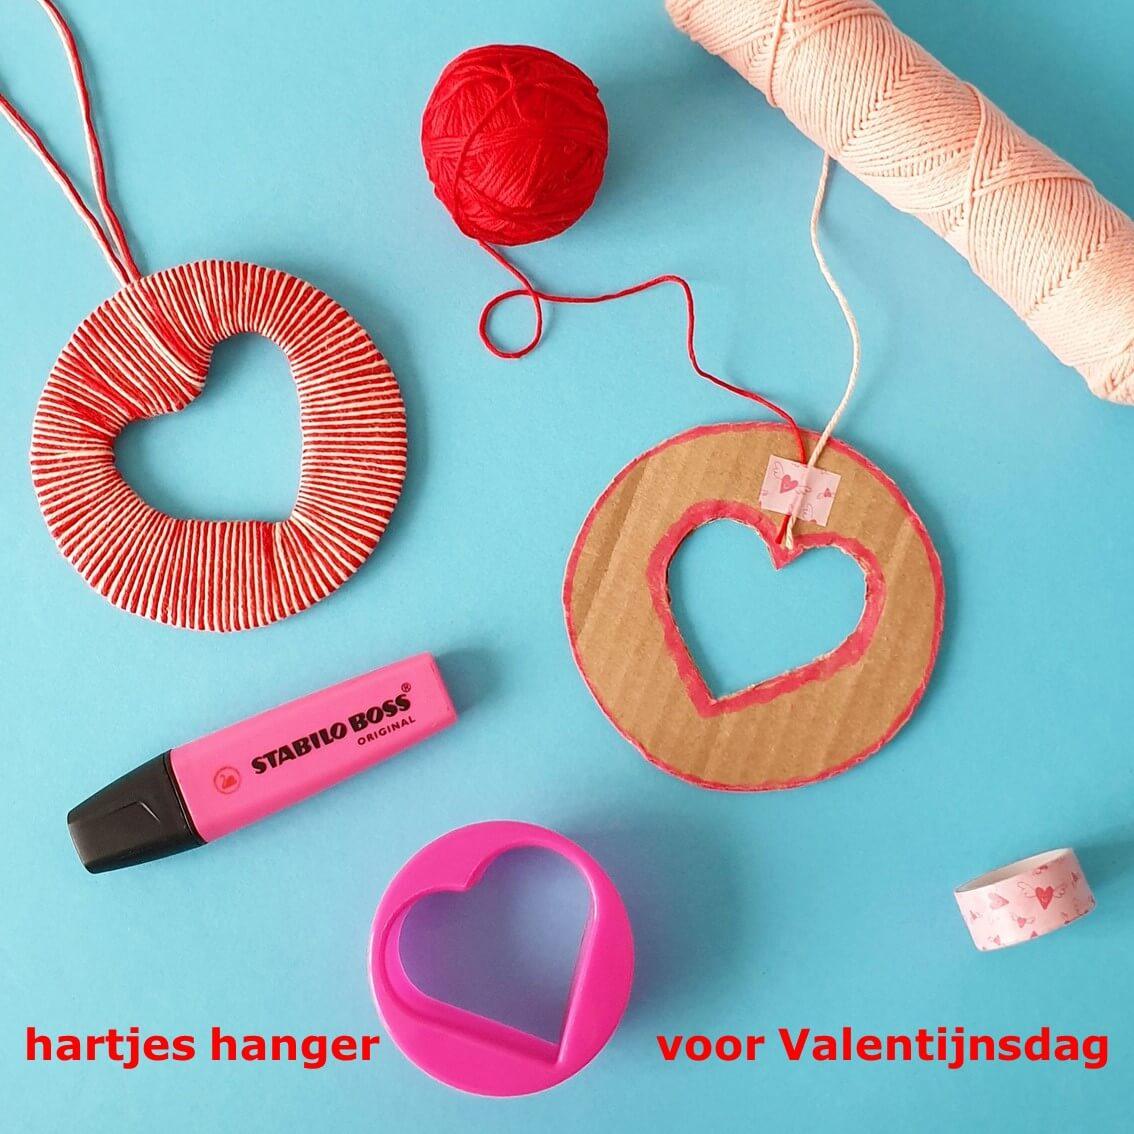 Hartje van wol voor Valentijnsdag knutselen 6